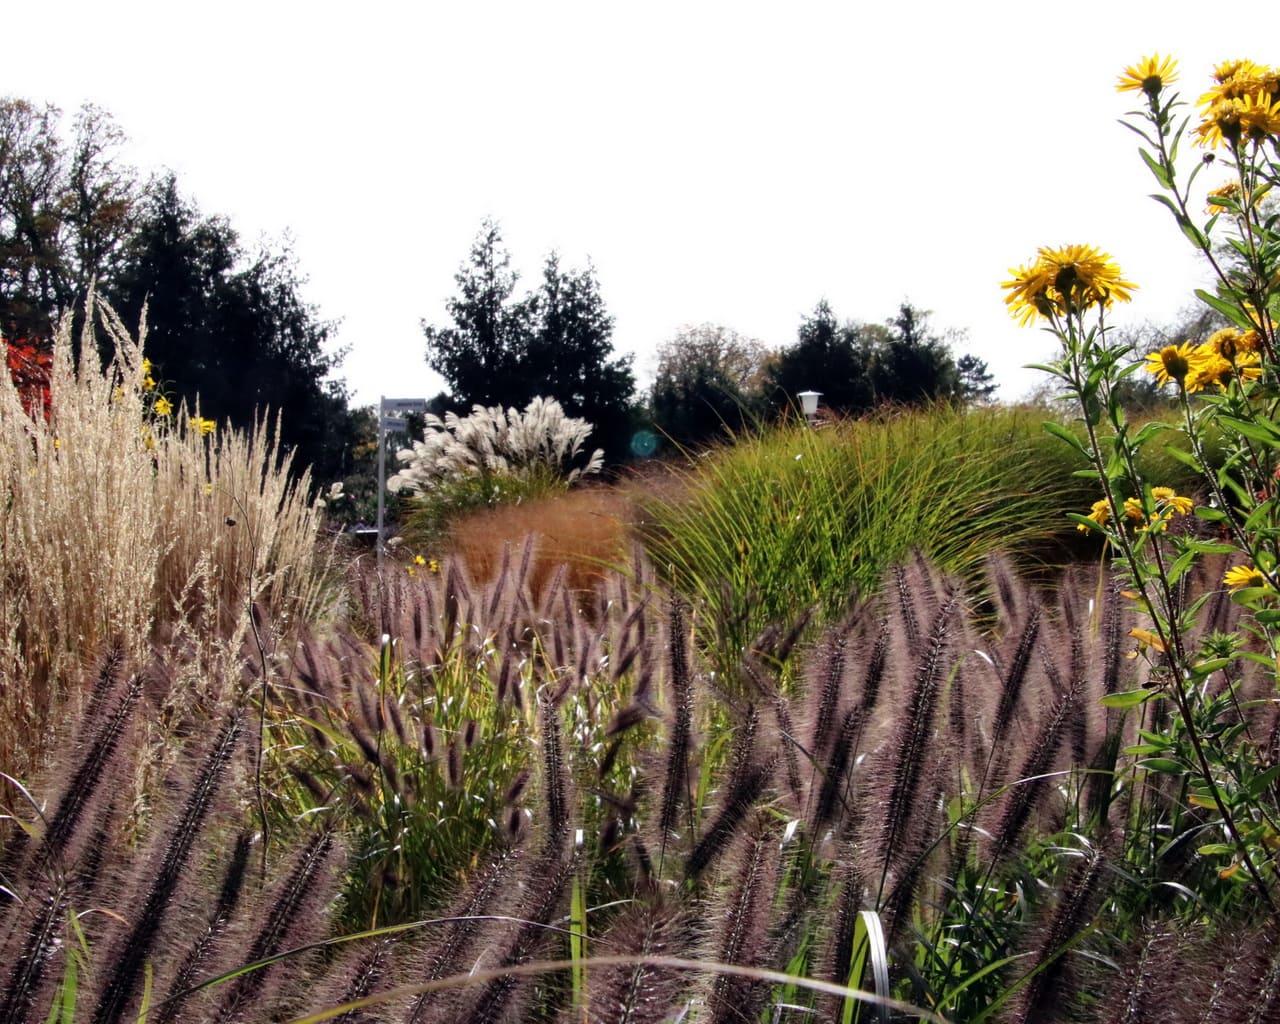 Gräsergarten im ega Park, Planung Petra Pelz 2014, Pennisetum viridescens, Calamagrostis acutiflora, Miscanthus sinensis, Panicum virgatum und Chrysopsis speciosa